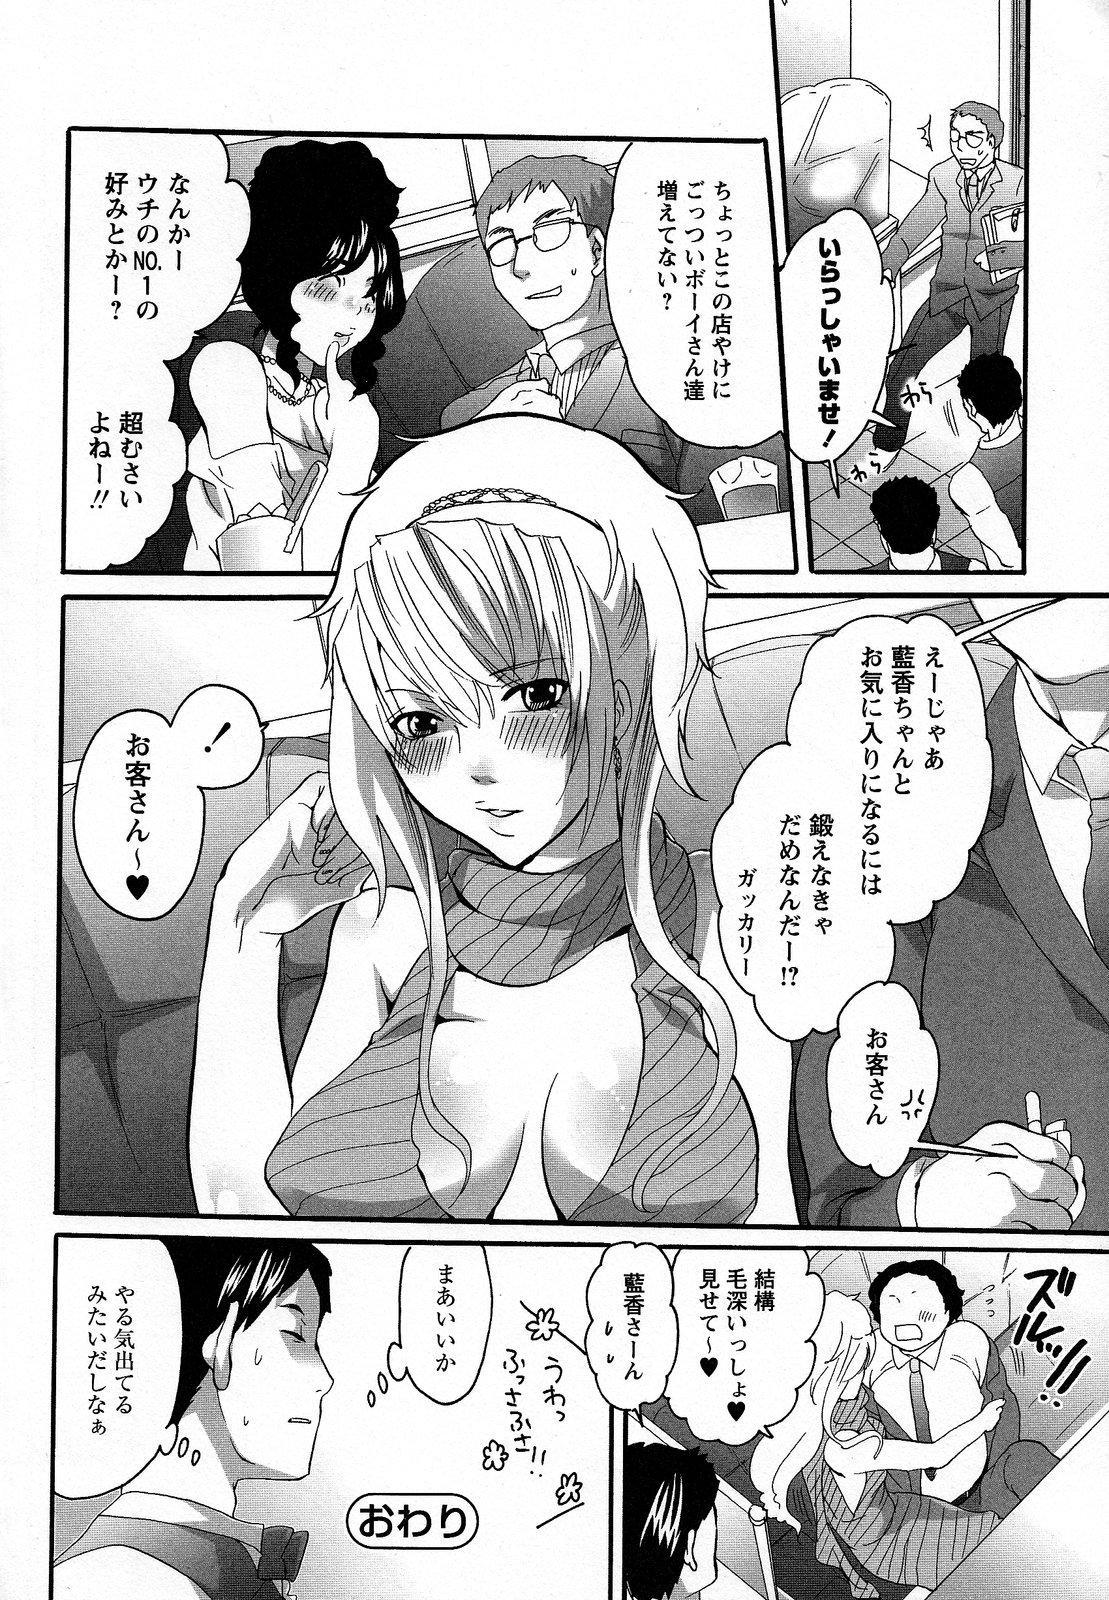 Boku ga Onee-sama no Mesu Dorei ni Narutoki 111